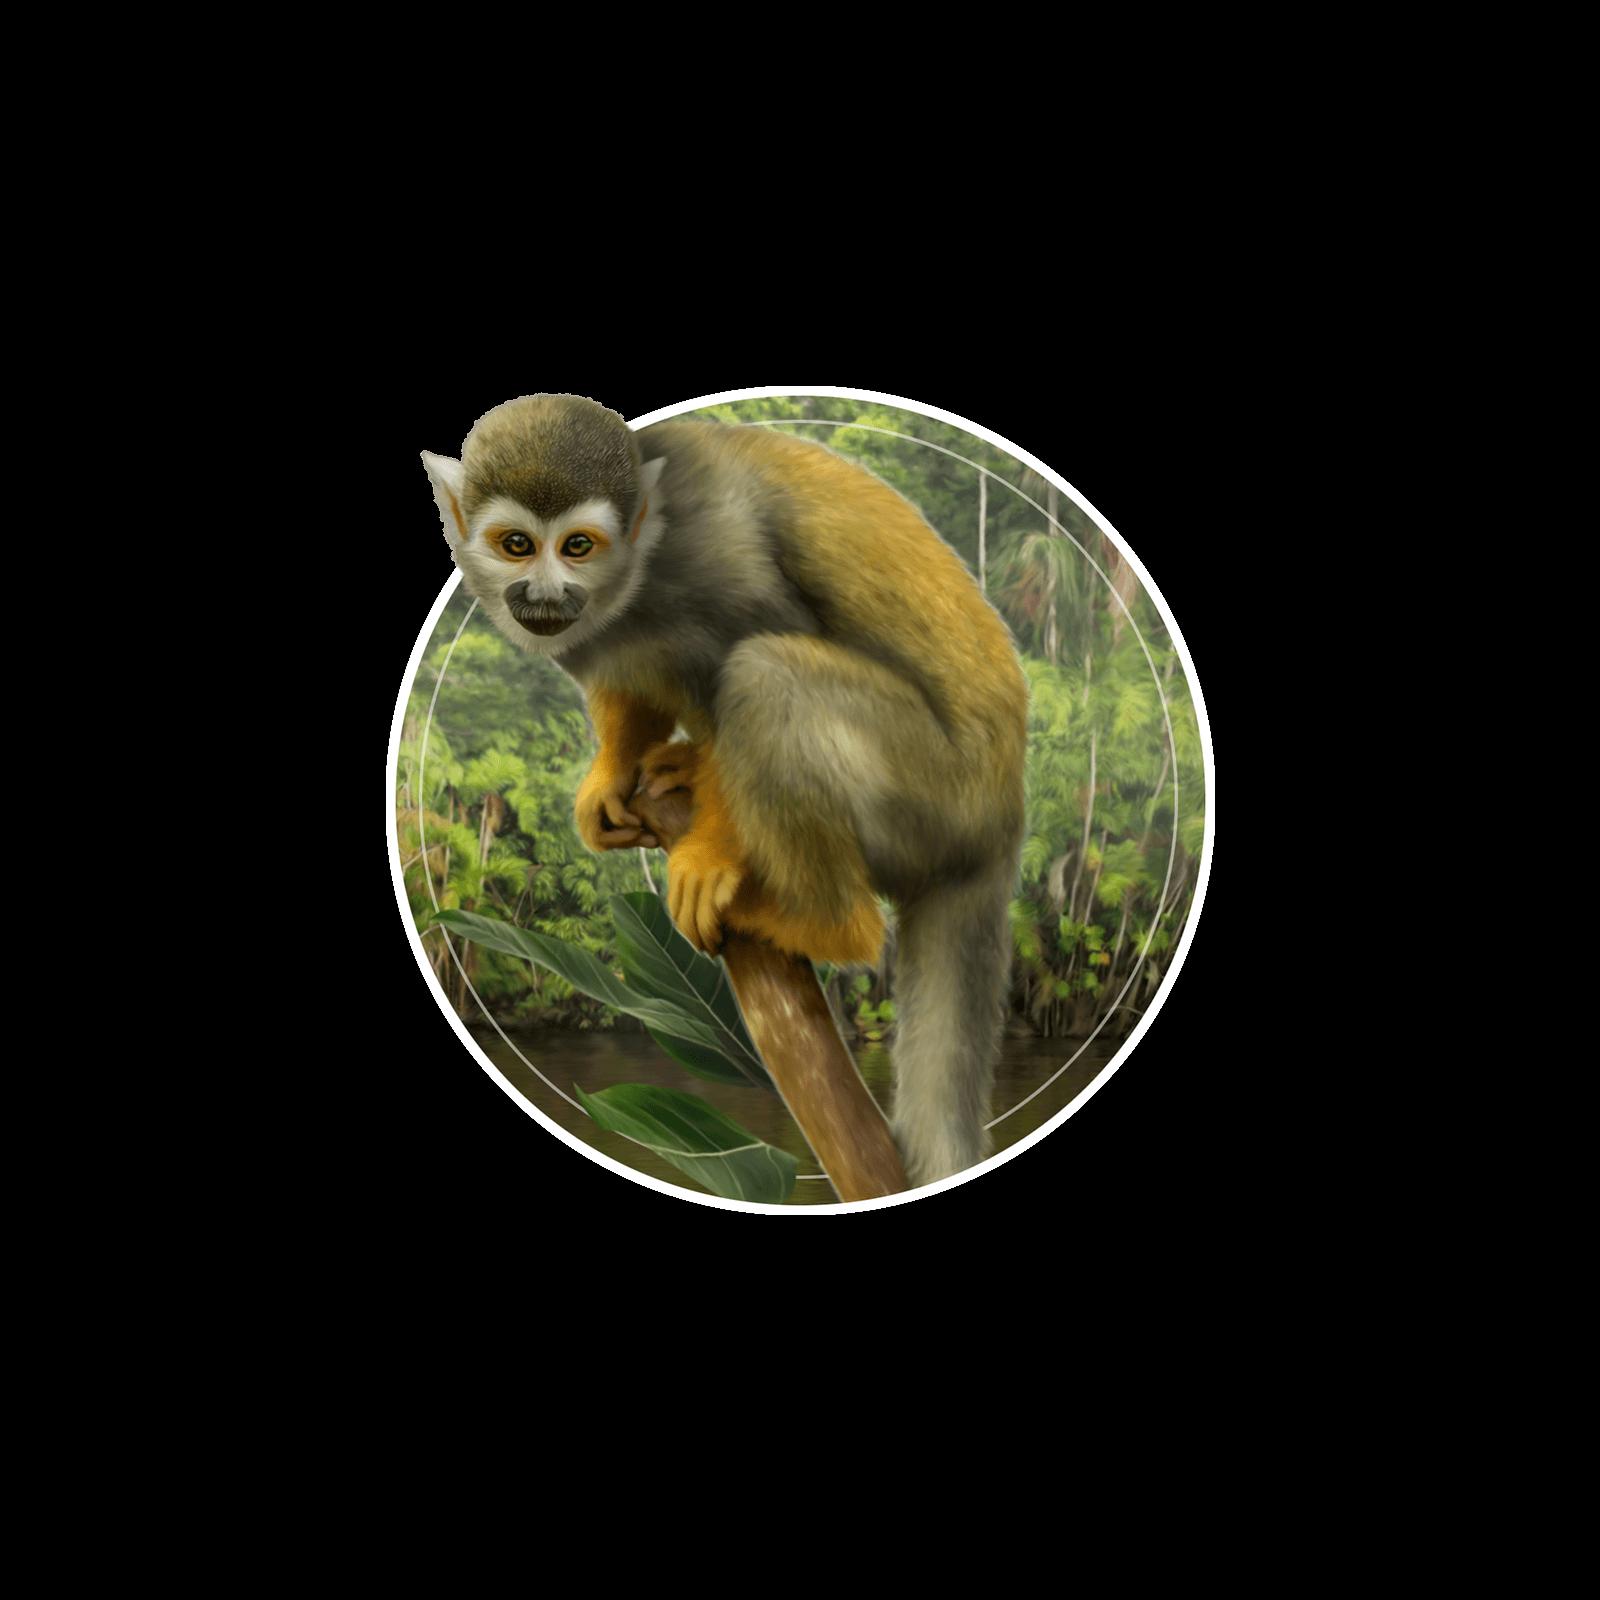 Ilustração de um macaco-de-cheiro em galho de árvore